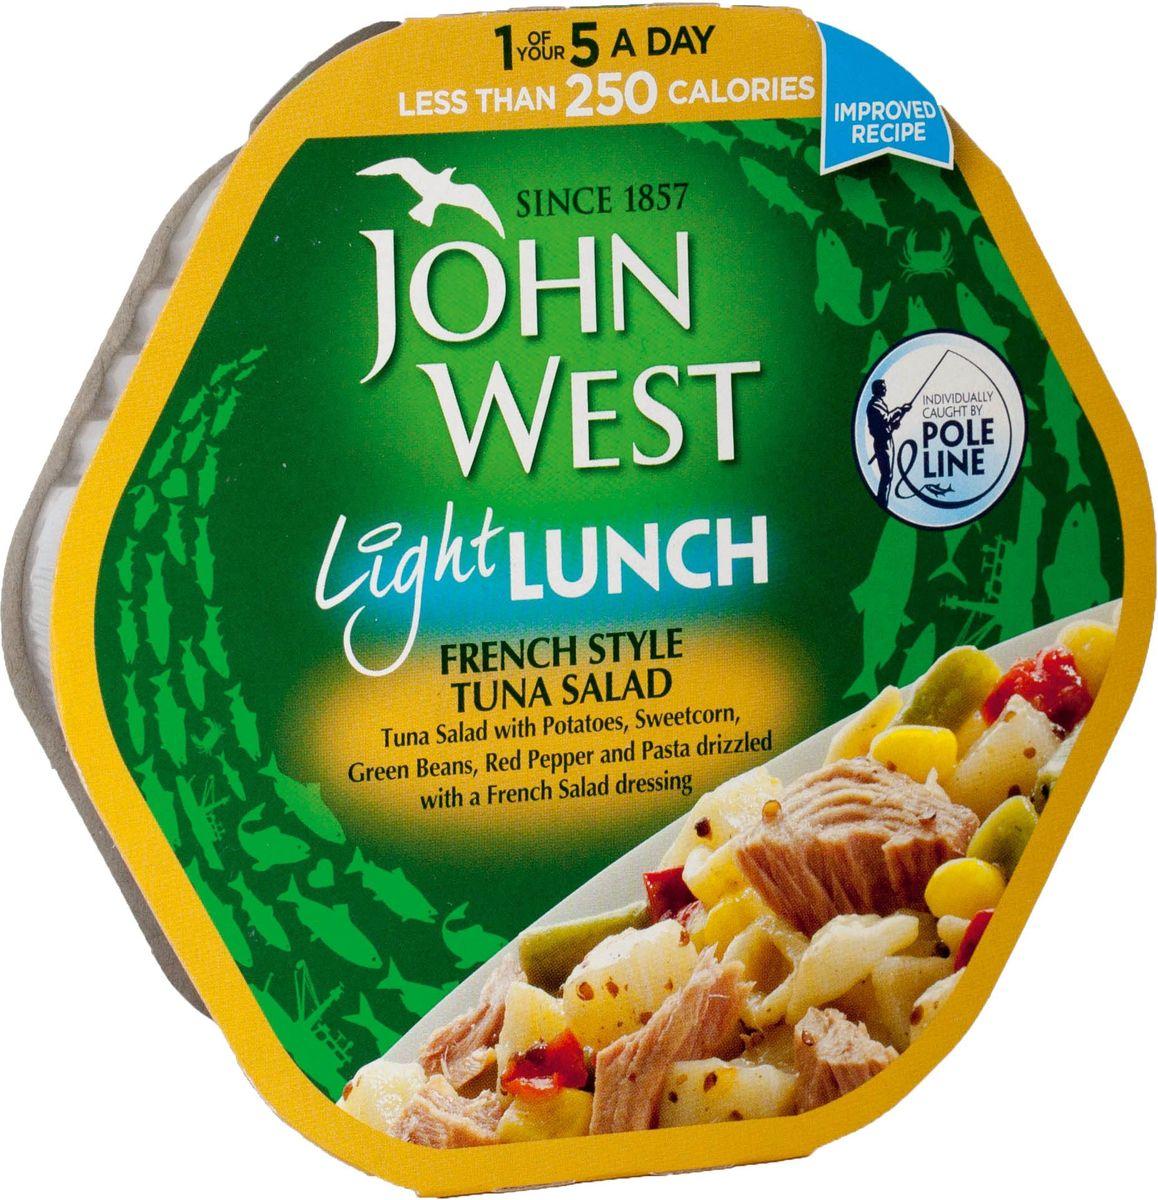 John West легкий обед с тунцом французский, 220 г64706John West John West тунец цельный в растительном масле. Тунец - очень полезная рыба с замечательным вкусом. В ней содержится небольшое количество жиров, но очень много белков.